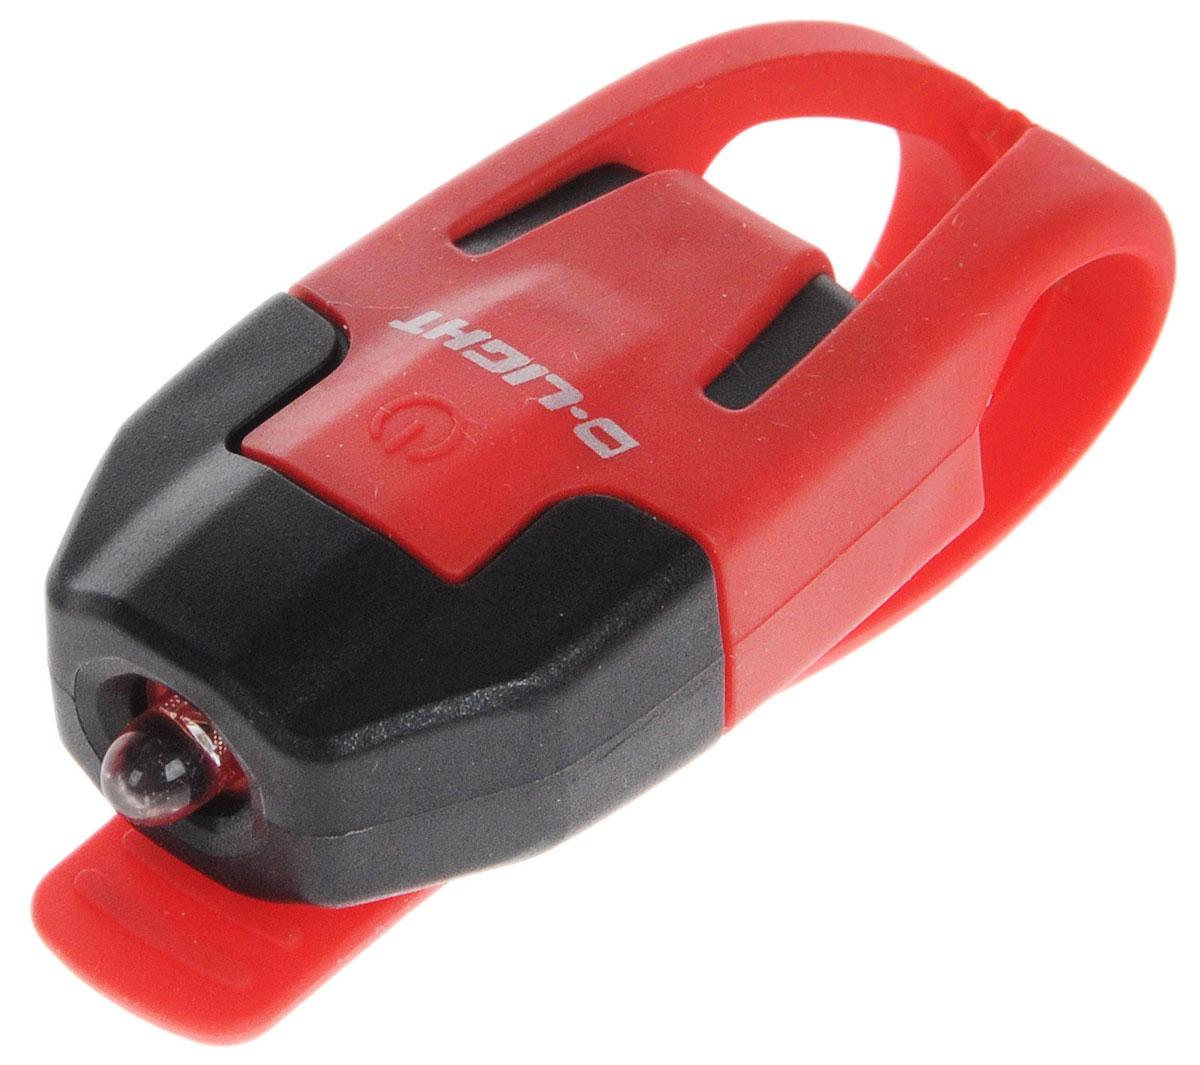 Фонарь велосипедный D-Light CG-210R, габаритный, задний, цвет: красный, черныйCG-210R-BK+RDЗадний габаритный велофонарь с рассеянным светом D-Light CG-210R предназначен для обеспечения большей безопасности при поездках в темное время суток. Он легко крепится и снимается без дополнительных инструментов на основу диаметром 18-32 мм. Корпус изделия выполнен из прочного пластика. Фонарь имеет 2 режима: мигание и постоянное свечение. Изделие водонепроницаемо.Фонарь питается от 1 батареи типа CR2032 (входит в комплект).Время свечения: 45 ч.Время мигания: 85 ч.Размер фонаря (без учета крепления): 4 х 2,5 х 1,3 см.Гид по велоаксессуарам. Статья OZON Гид